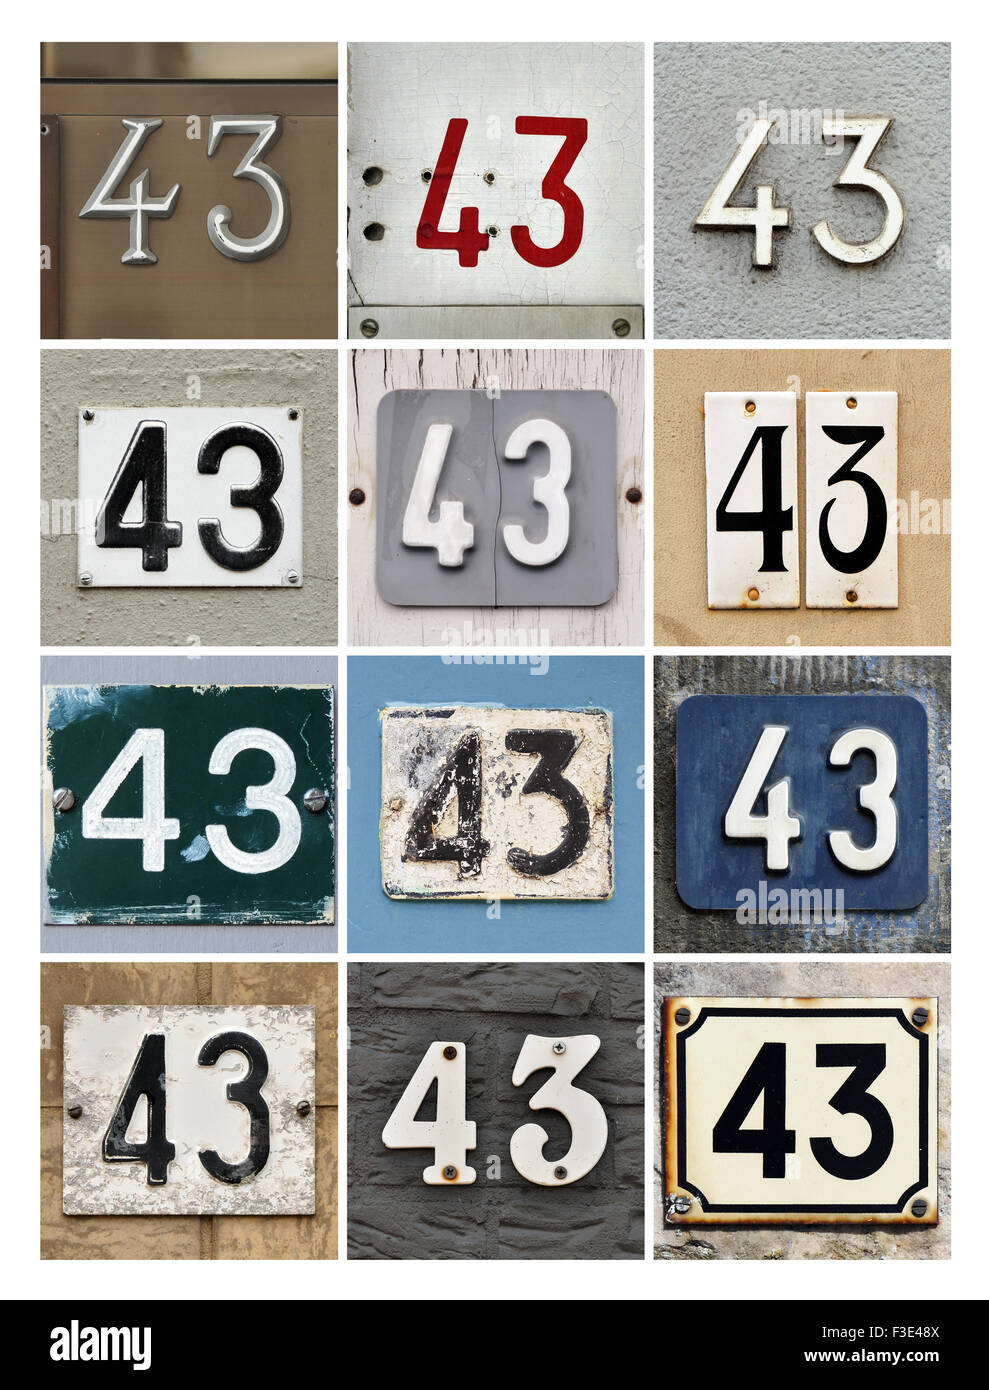 Collage di numeri per Casa Quaranta tre Foto Stock